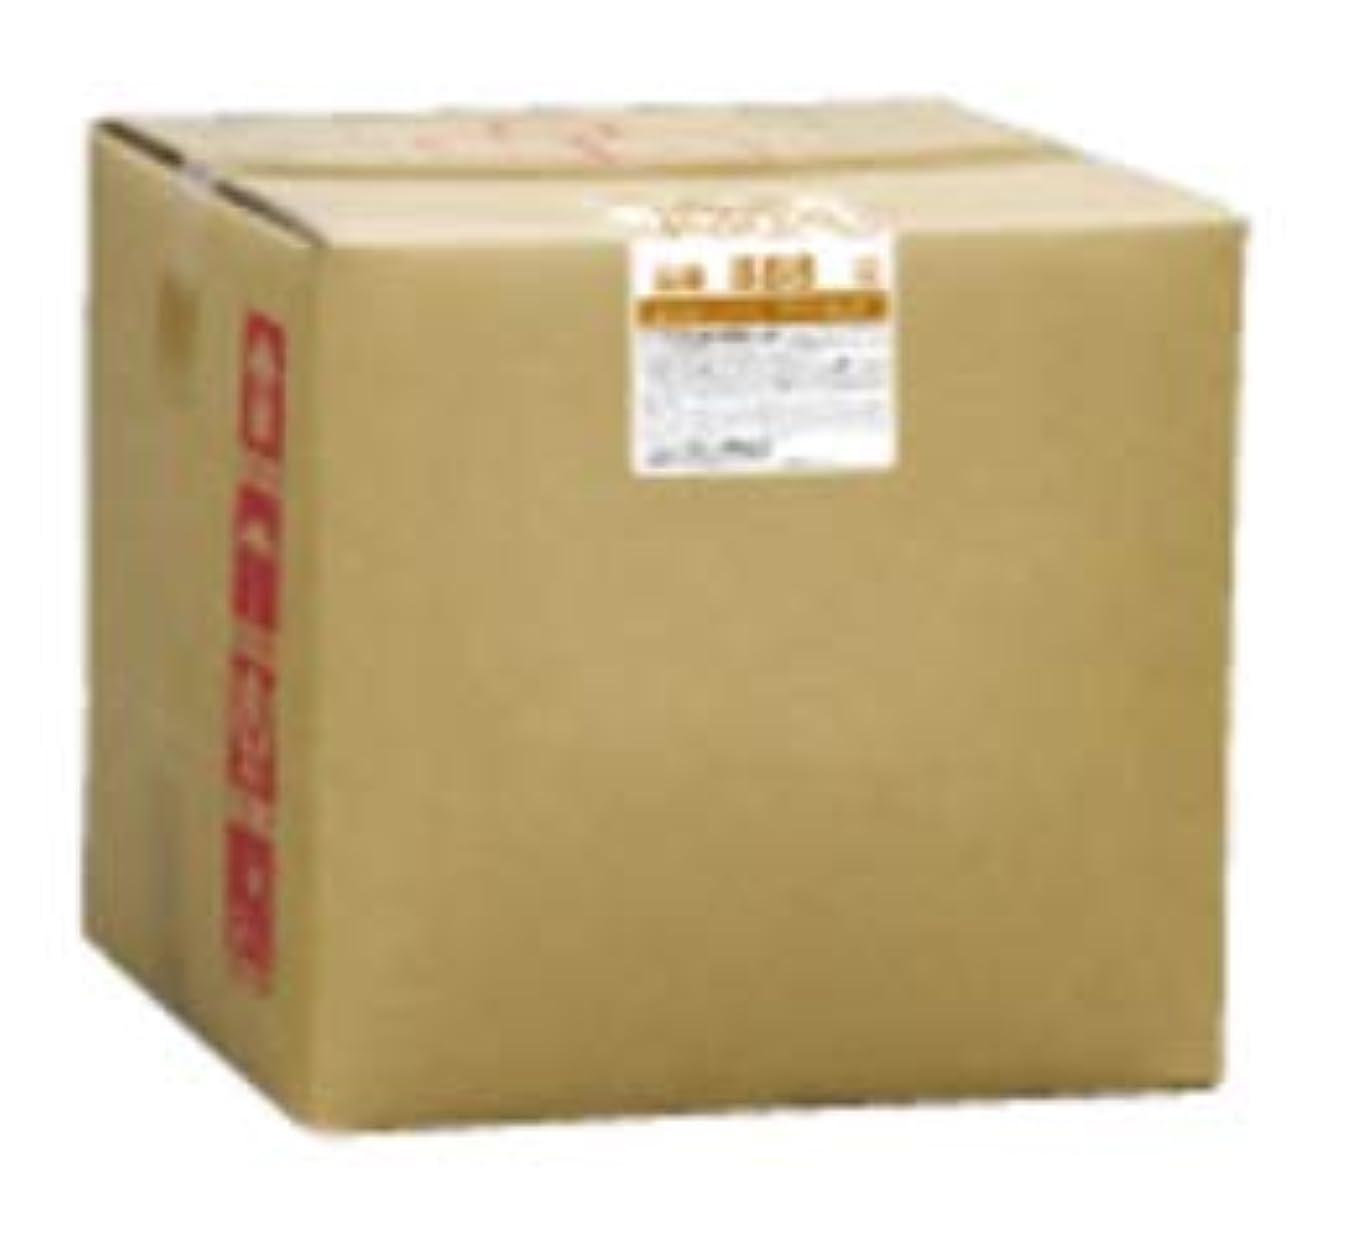 吸収するゆでるサルベージフタバ化学 ラコンサ RakhOansat コンディショナー 18L 詰め替え 480ml専用空容器付